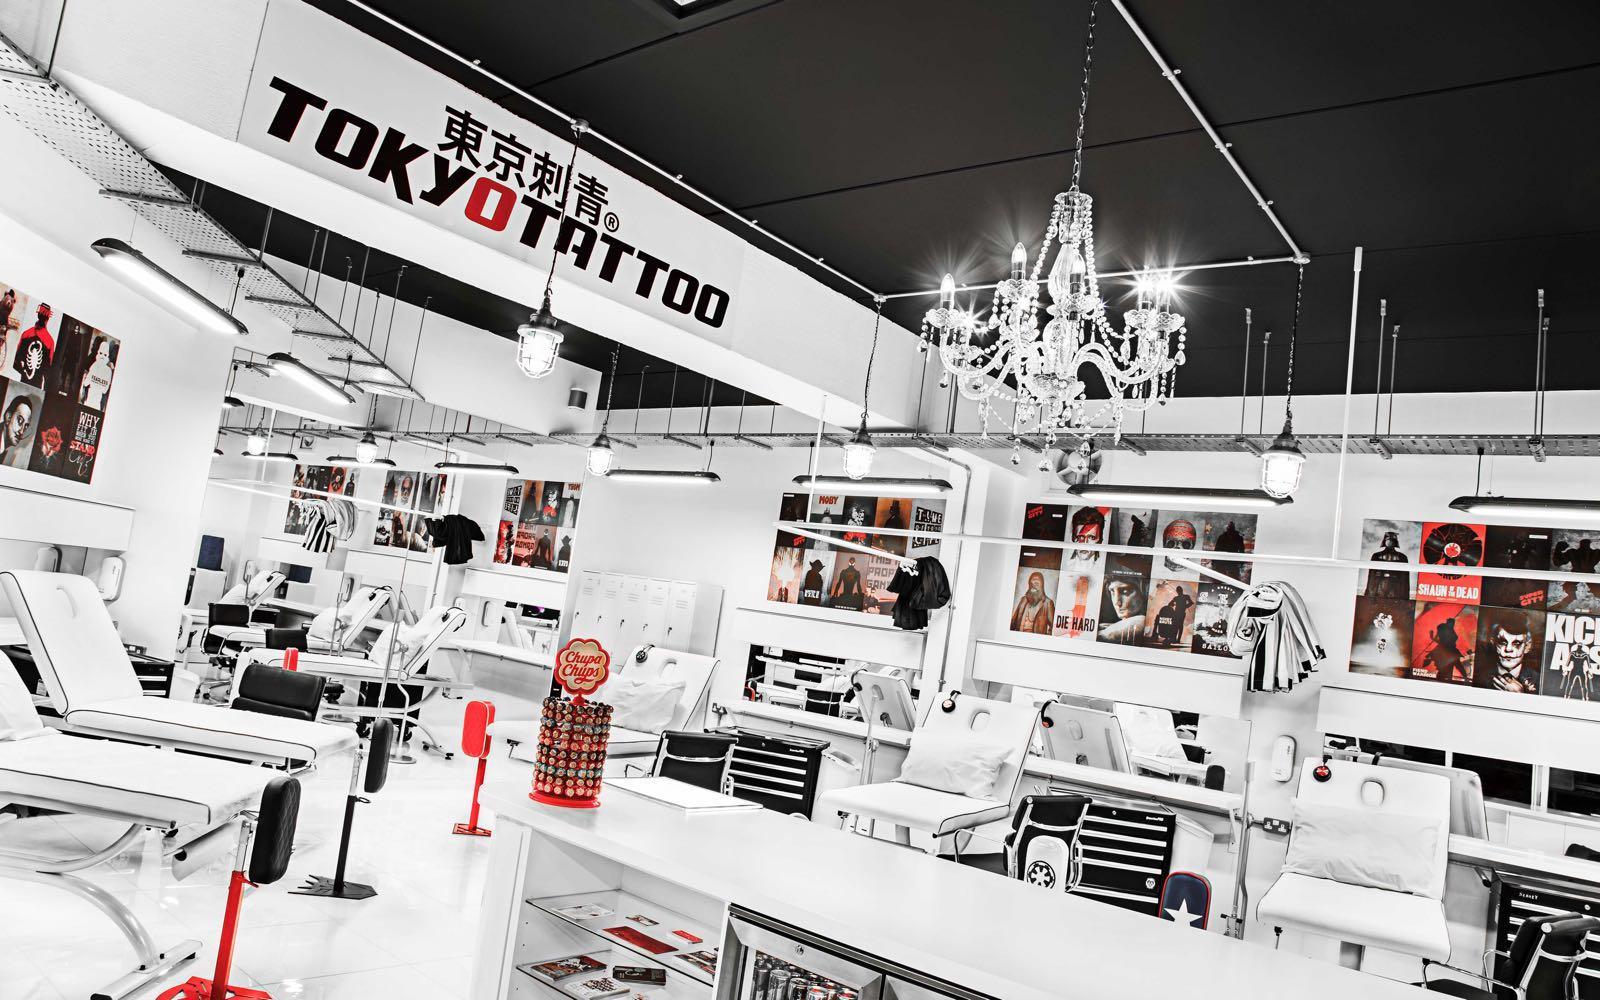 Cheltenham's Prestigious Tattoo Studio TOKYOTATTOO